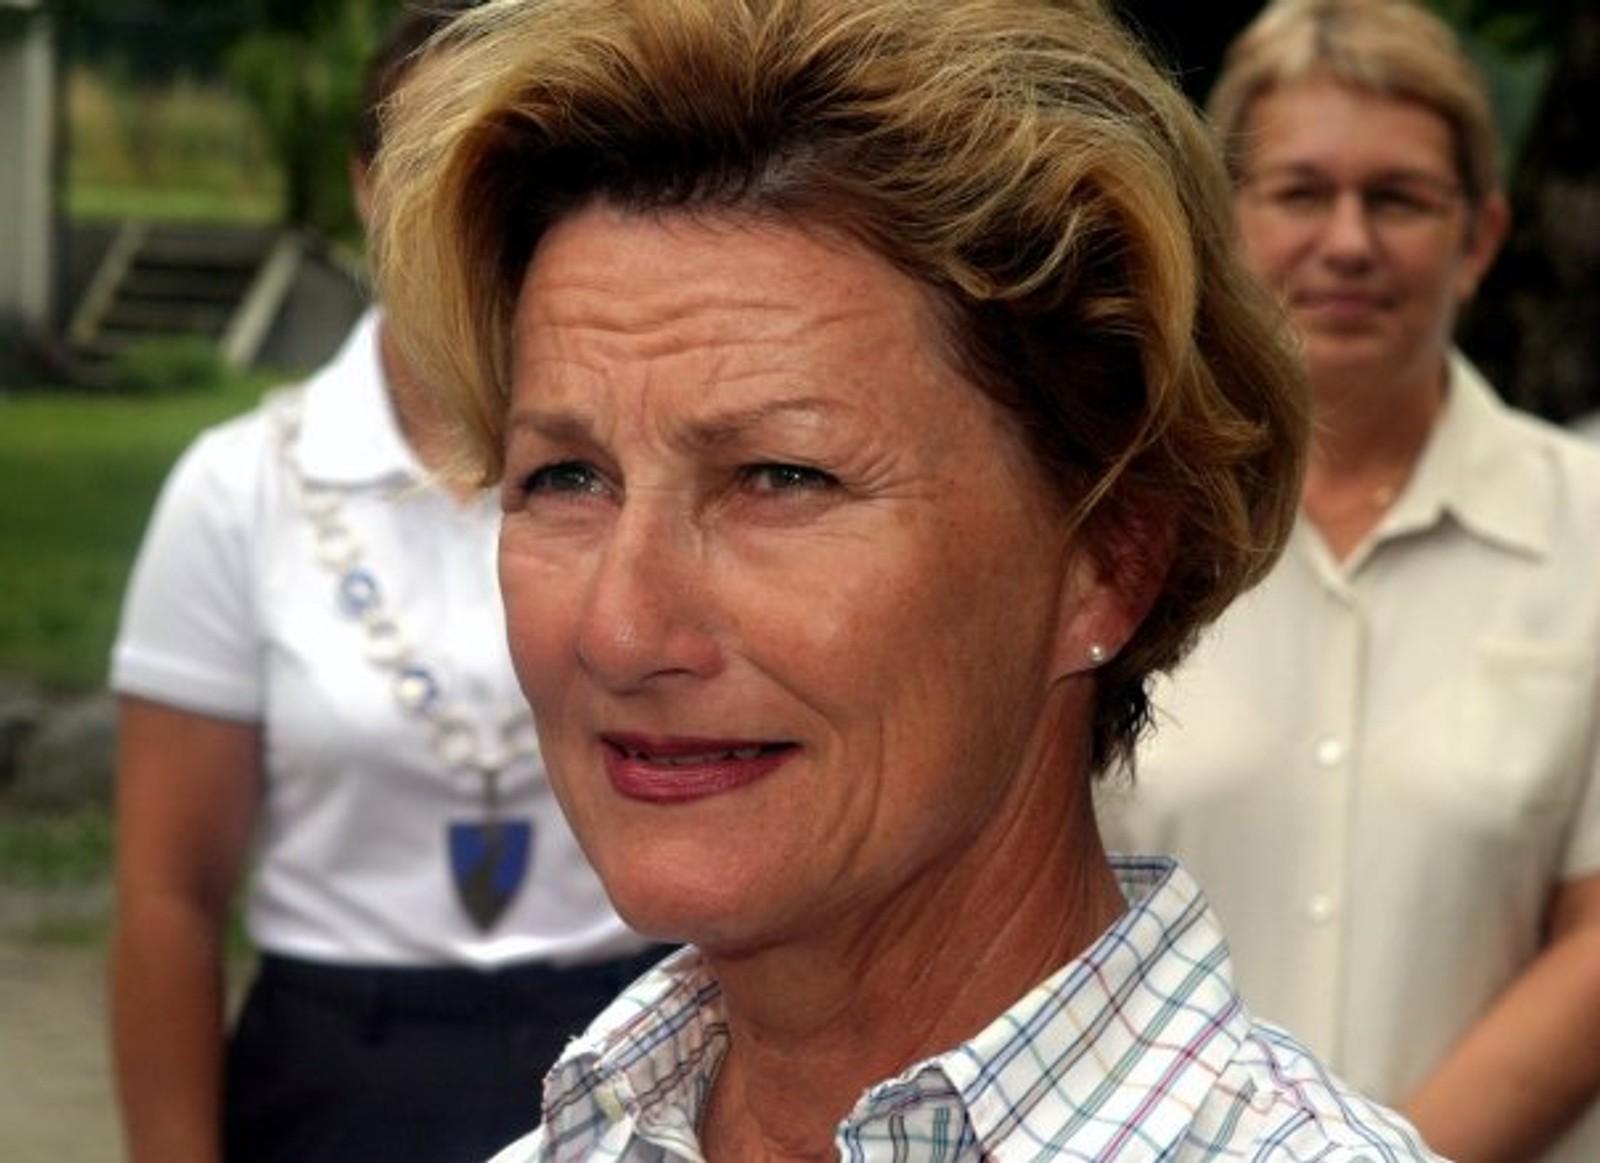 FJÆRLAND: Dronning Sonja felte ei tåre og to då ho besøkte Øygard i Fjærland i 2004. Ho var nær ven med turleiar Anders Øygard, som då hadde gått bort.